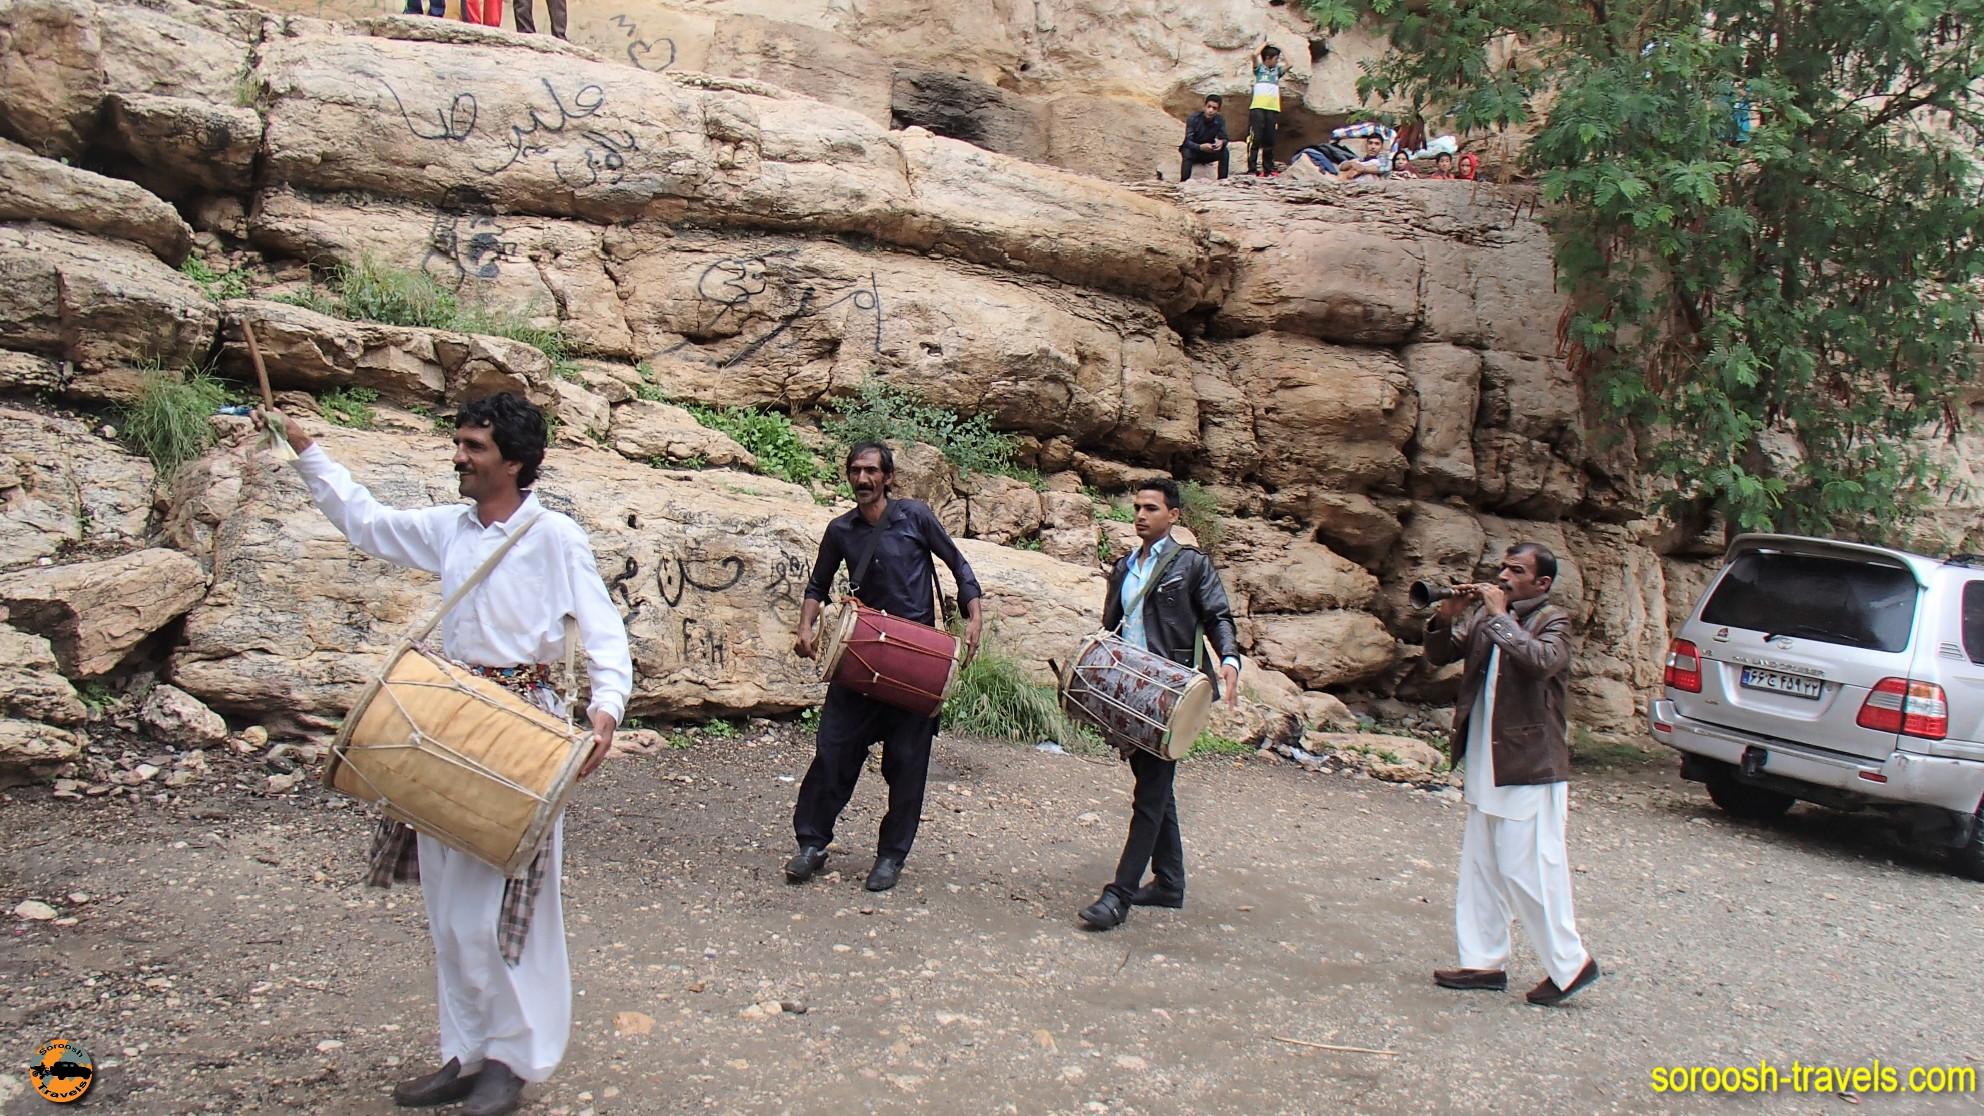 ساز بلوچی در منطقه آبشار دوساری - نوروز ۱۳۹۶